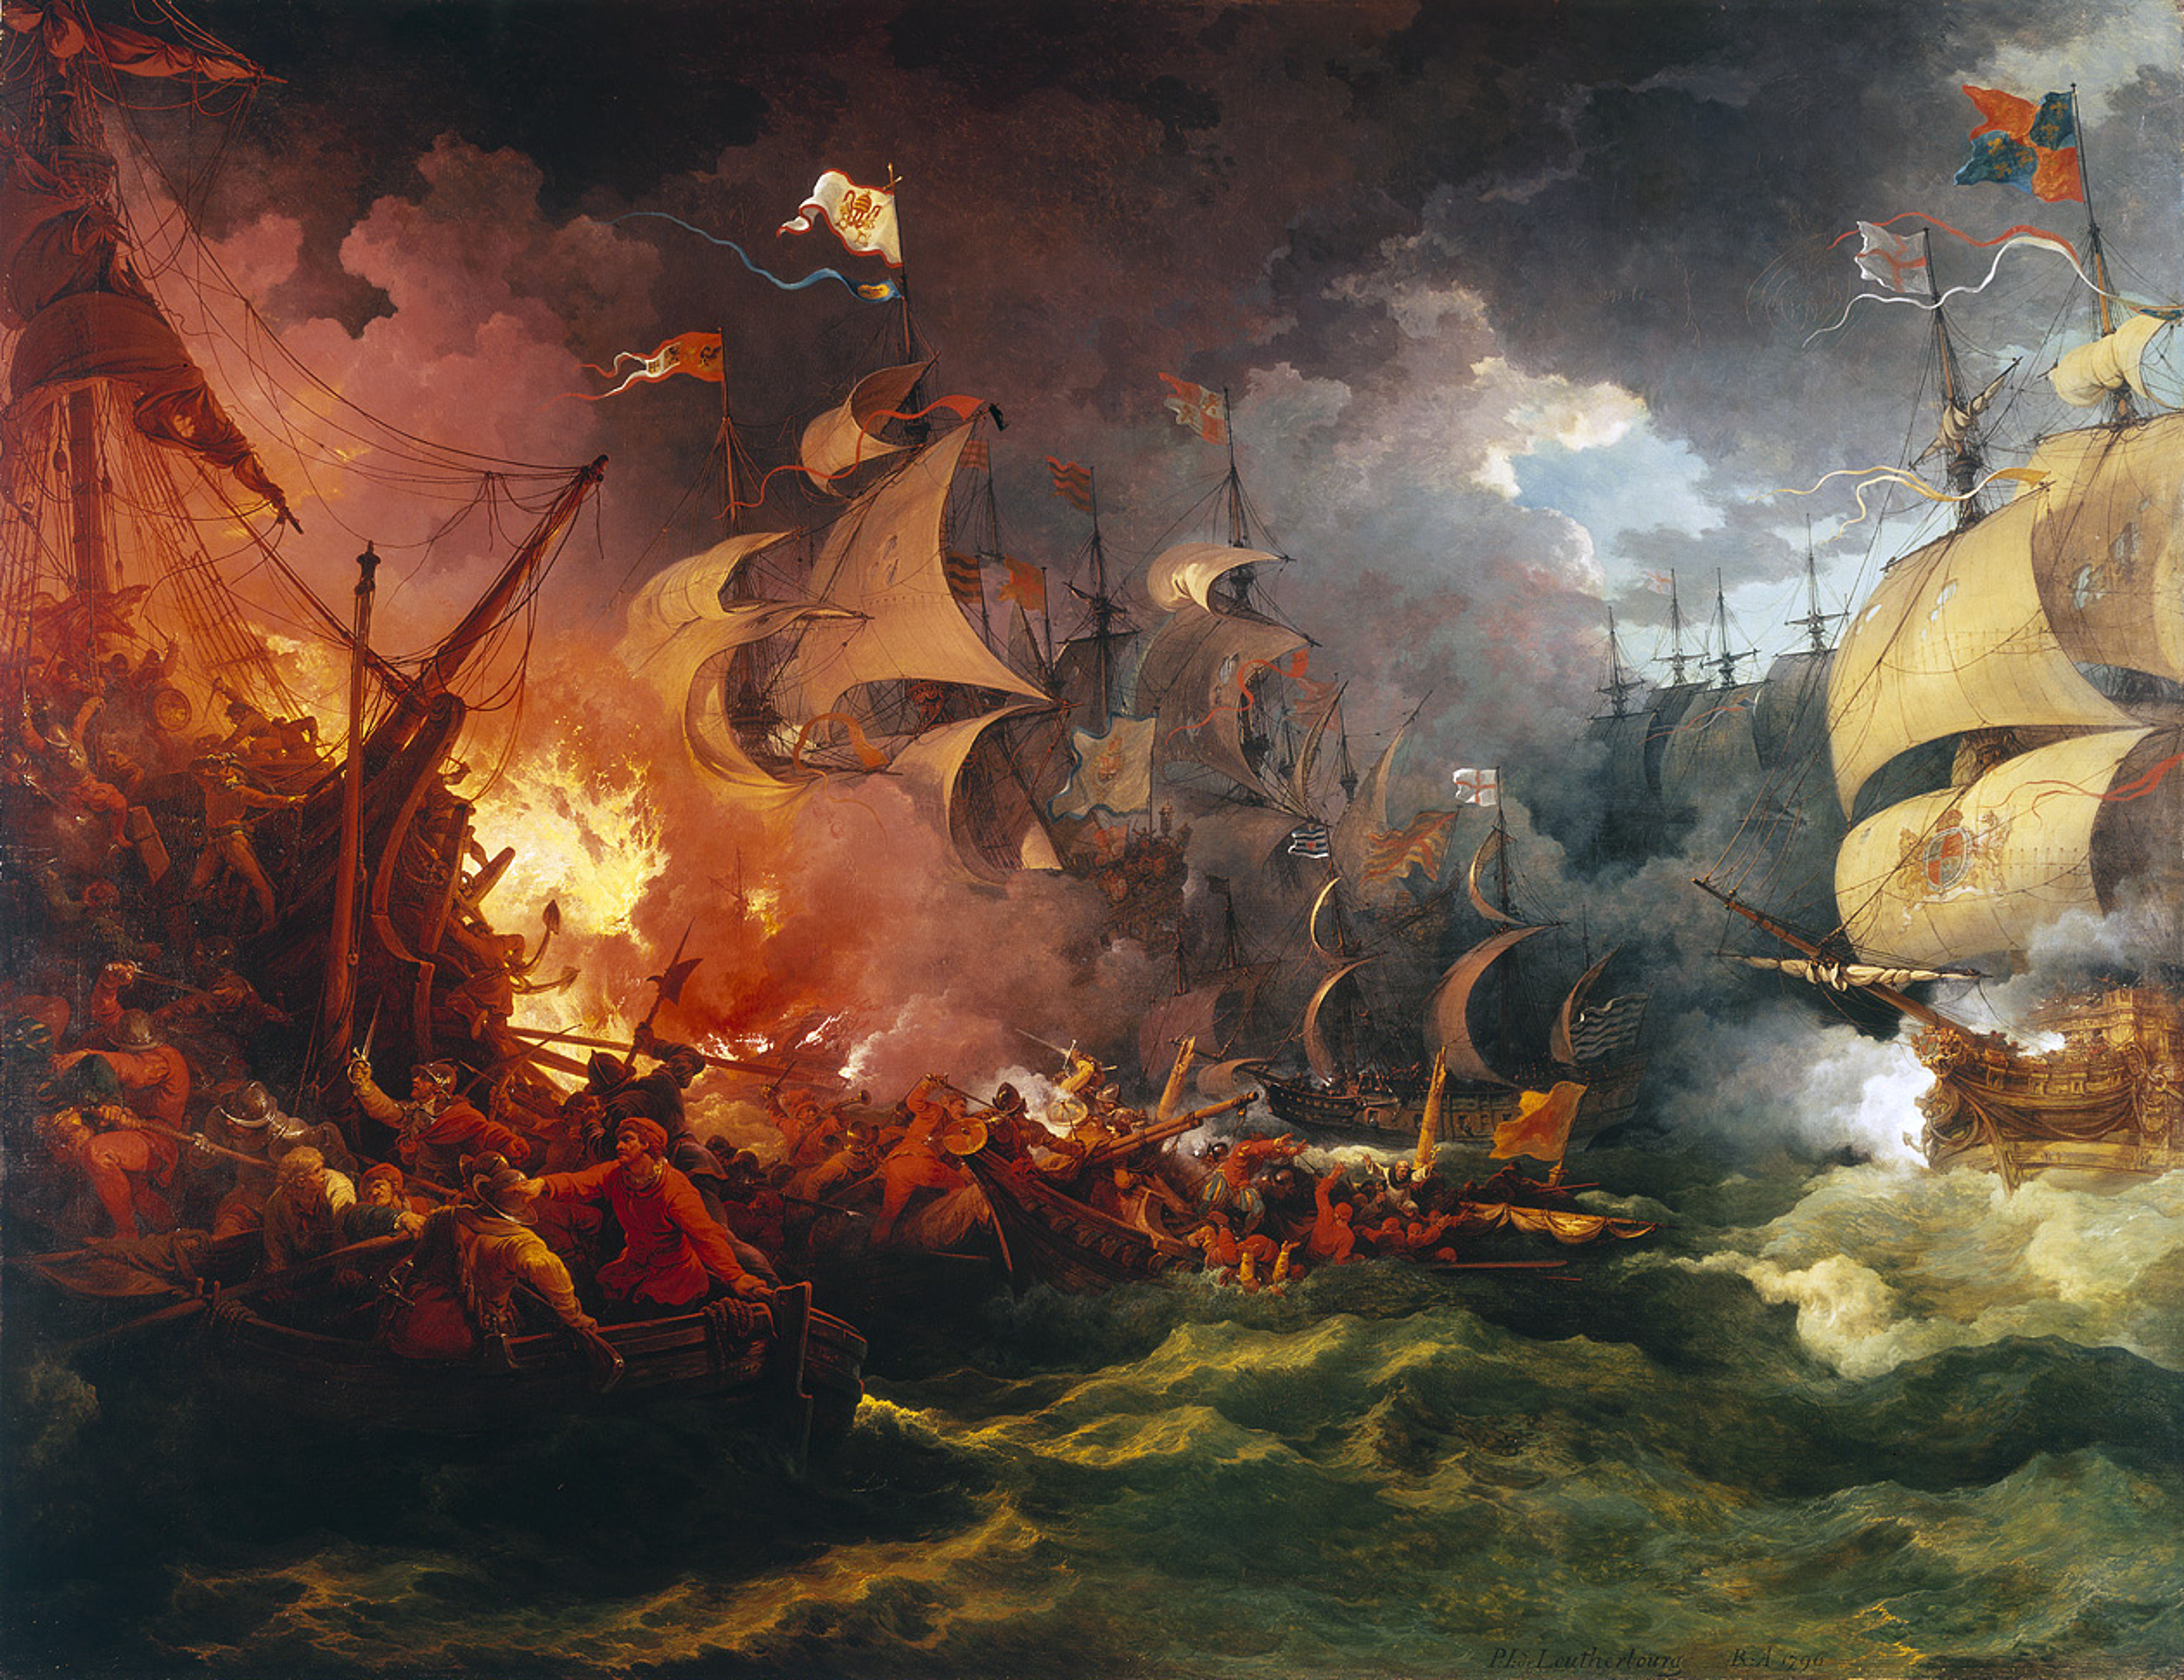 アルマダの海戦 - Wikipedia